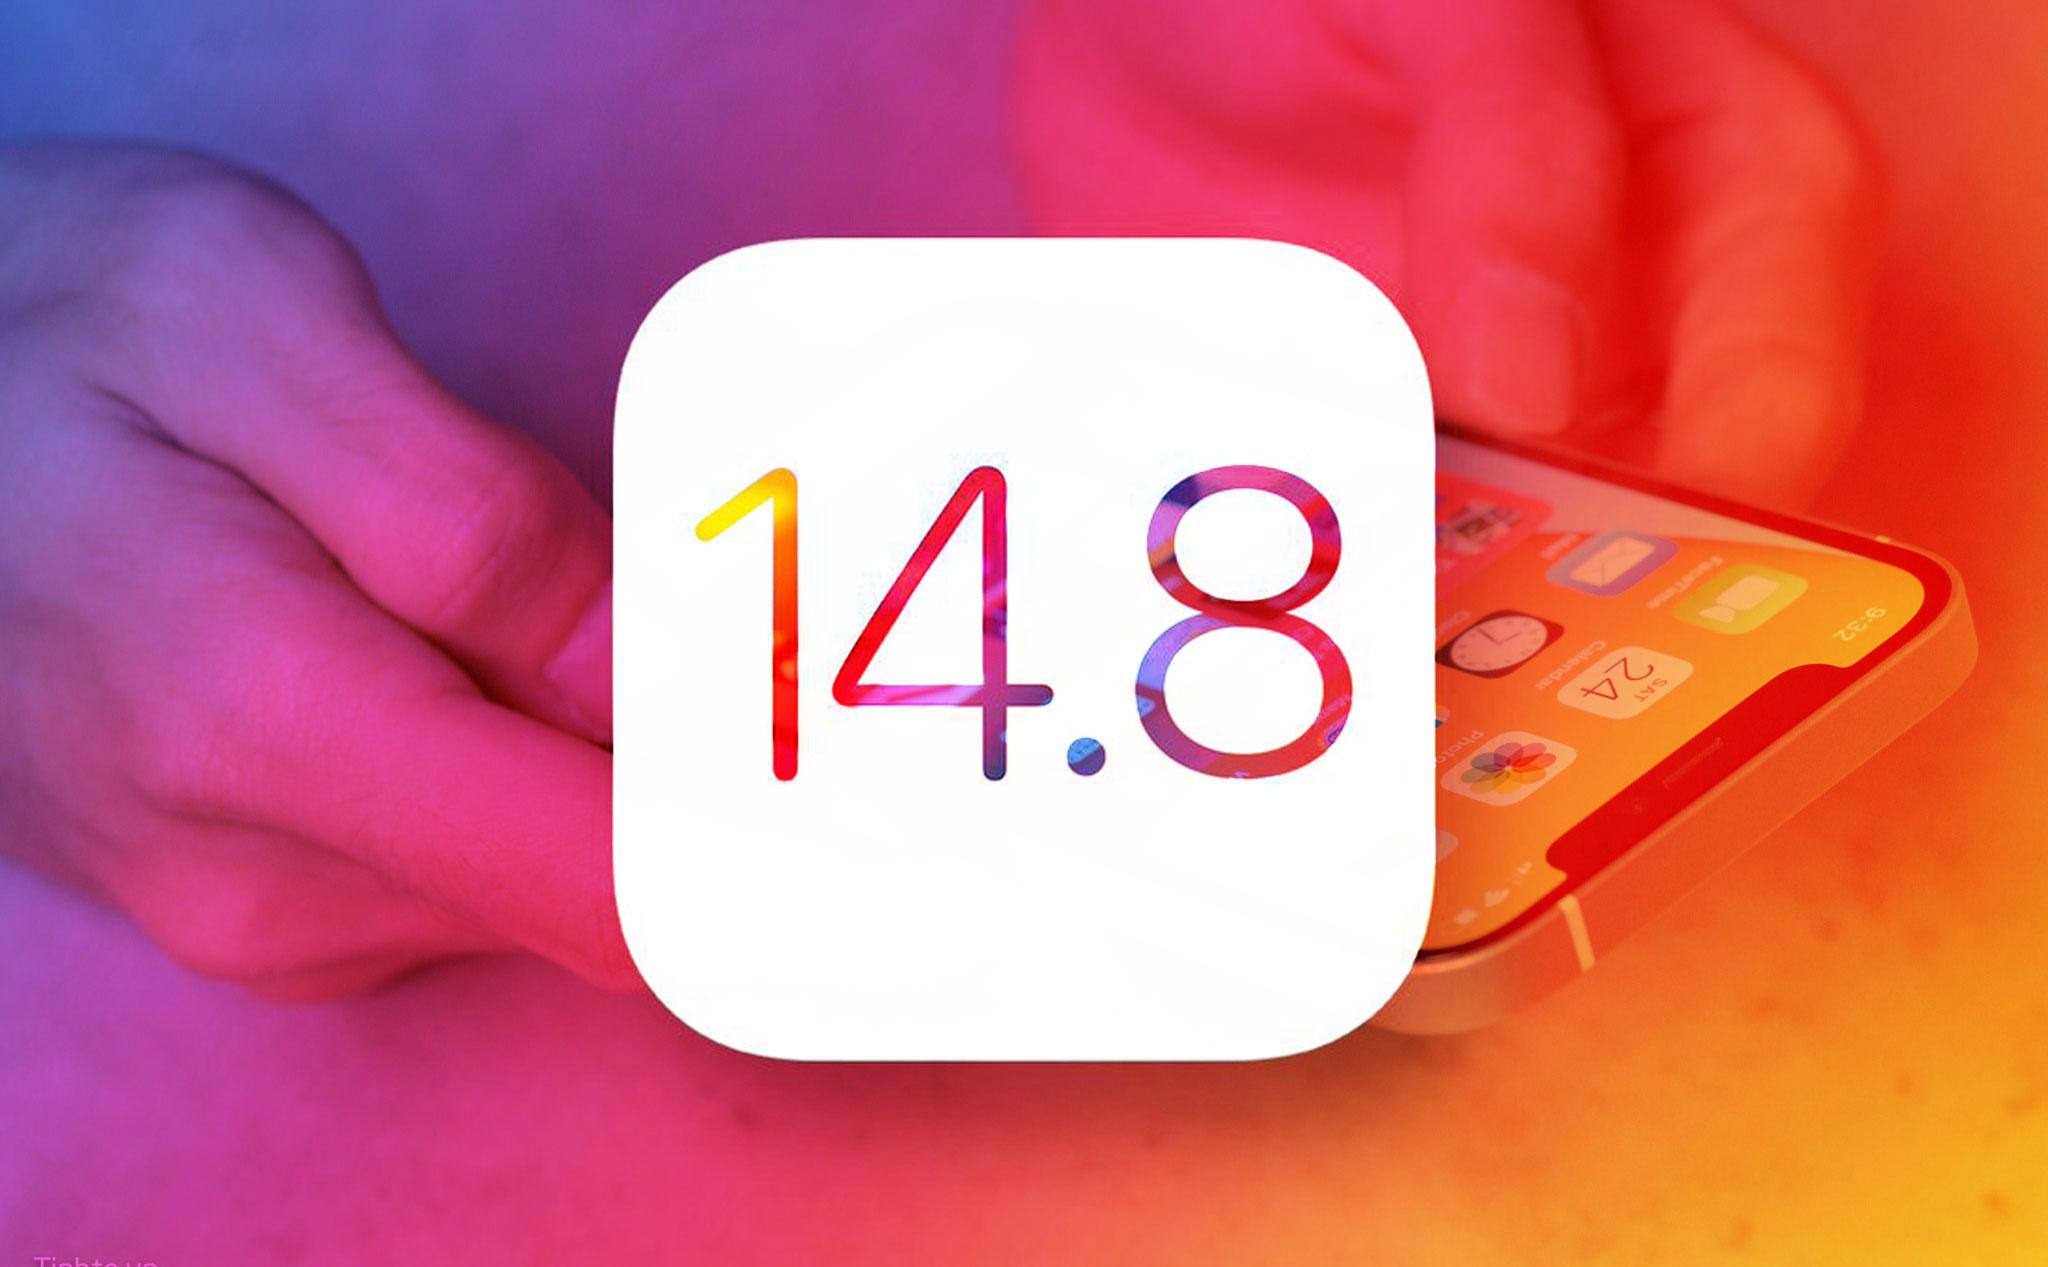 Apple khuyến cáo người dùng iPhone nên cập nhật bản iOS 14.8 mới nhất, đồng thời cũng nên làm điều tương tự với Apple Watch và máy Mac. Ảnh: Phonearena